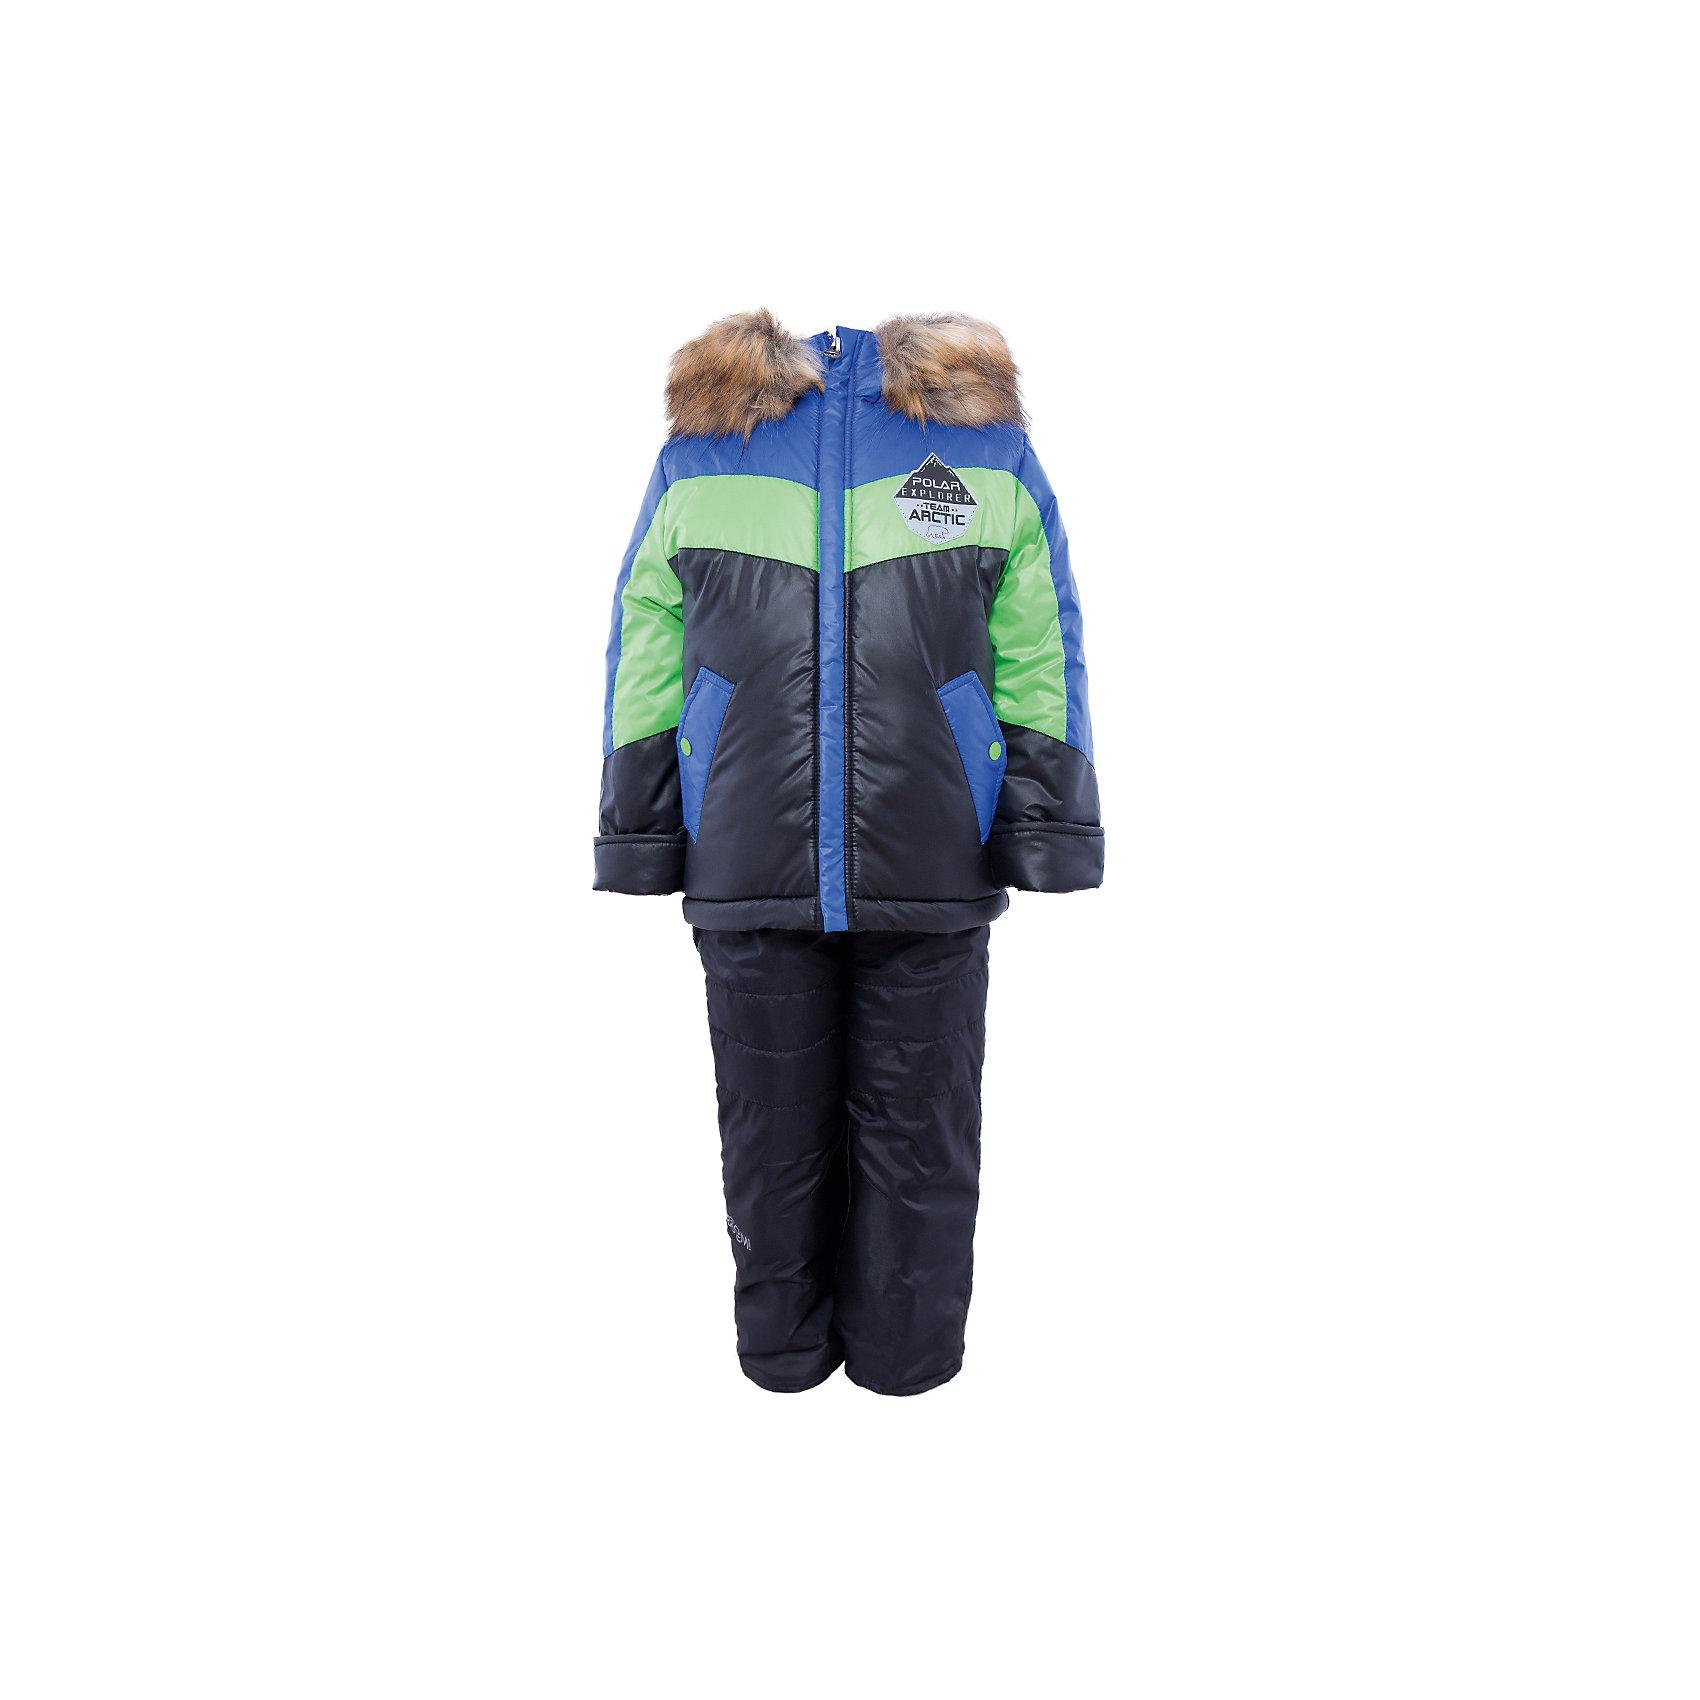 Комплект: куртка и брюки для мальчика BOOM by OrbyВерхняя одежда<br>Характеристики изделия:<br><br>- комплектация: куртка, полукомбинезон;<br>- материал верха: болонь;<br>- подкладка: ПЭ, флис;<br>- утеплитель: эко-синтепон 400 г/м2, 200 г/м2; <br>- отделка: искусственный мех;<br>- фурнитура: металл, пластик;<br>- застежка: молния;<br>- капюшон;<br>- защита подбородка;<br>- клапан от ветра;<br>- принт на куртке;<br>- температурный режим до -30°С<br><br><br>В холодный сезон важно одеть ребенка комфортно и тепло. Этот стильный и теплый комплект позволит мальчику наслаждаться зимним отдыхом, не боясь замерзнуть, и выглядеть при этом очень симпатично.<br>Теплая куртка плотно сидит благодаря манжетам и надежным застежкам. Она смотрится очень эффектно благодаря пушистому воротнику. Полукомбинезон дополнен регулируемыми лямками, карманами и манжетами.<br><br>Комплект: курта и брюки для мальчика от бренда BOOM by Orby можно купить в нашем магазине.<br><br>Ширина мм: 215<br>Глубина мм: 88<br>Высота мм: 191<br>Вес г: 336<br>Цвет: синий<br>Возраст от месяцев: 12<br>Возраст до месяцев: 18<br>Пол: Мужской<br>Возраст: Детский<br>Размер: 110,104,92,98,116,122,86<br>SKU: 4982738